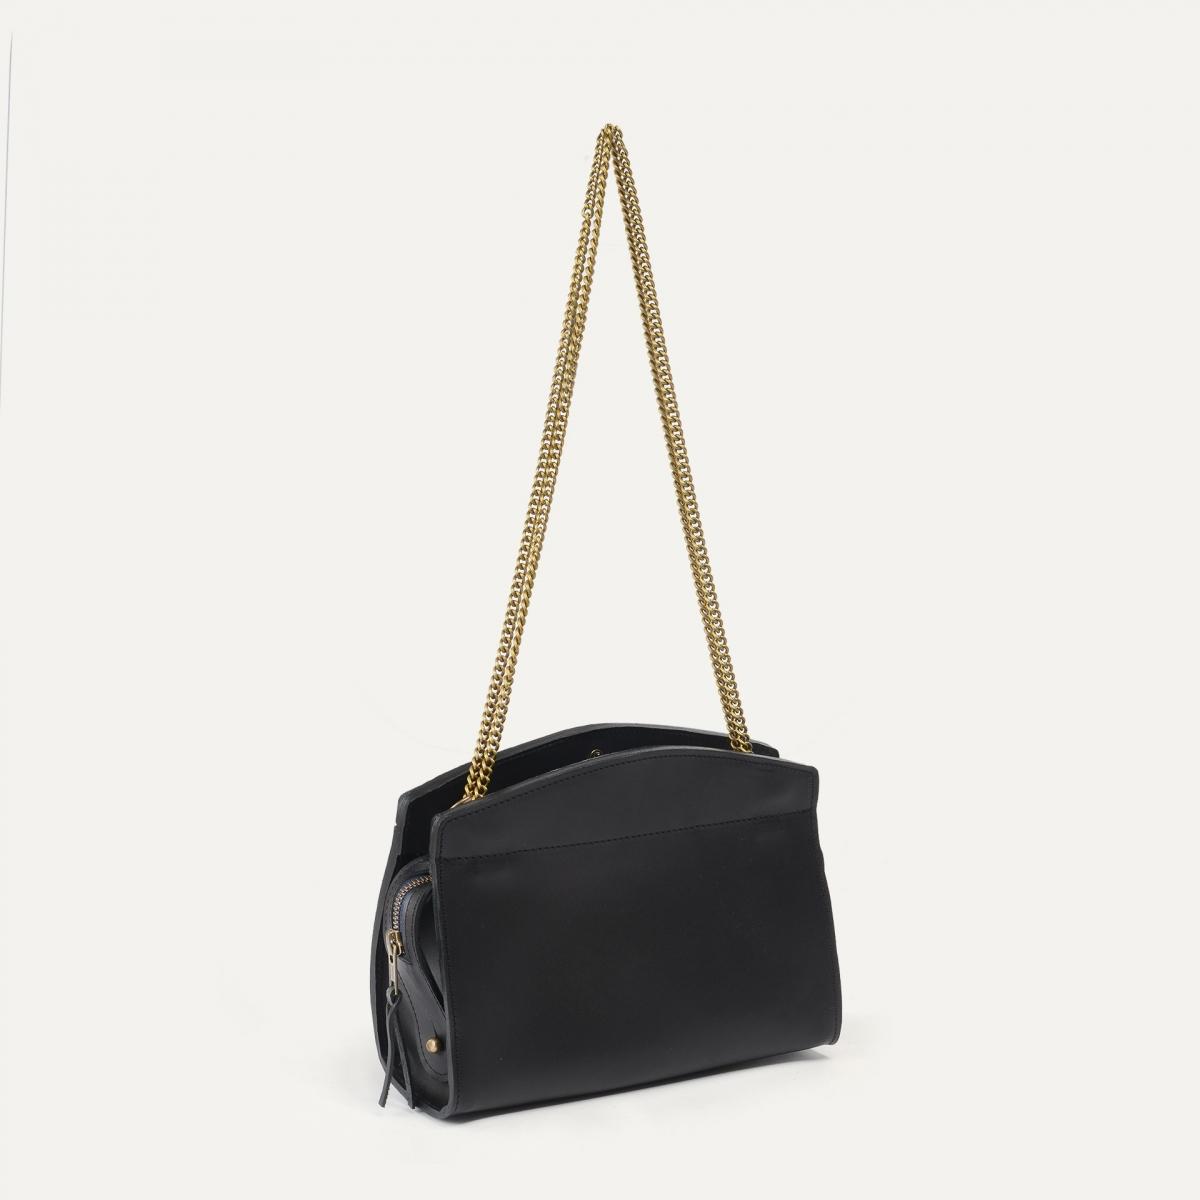 ORIGAMI S zipped clutch - Black (image n°2)